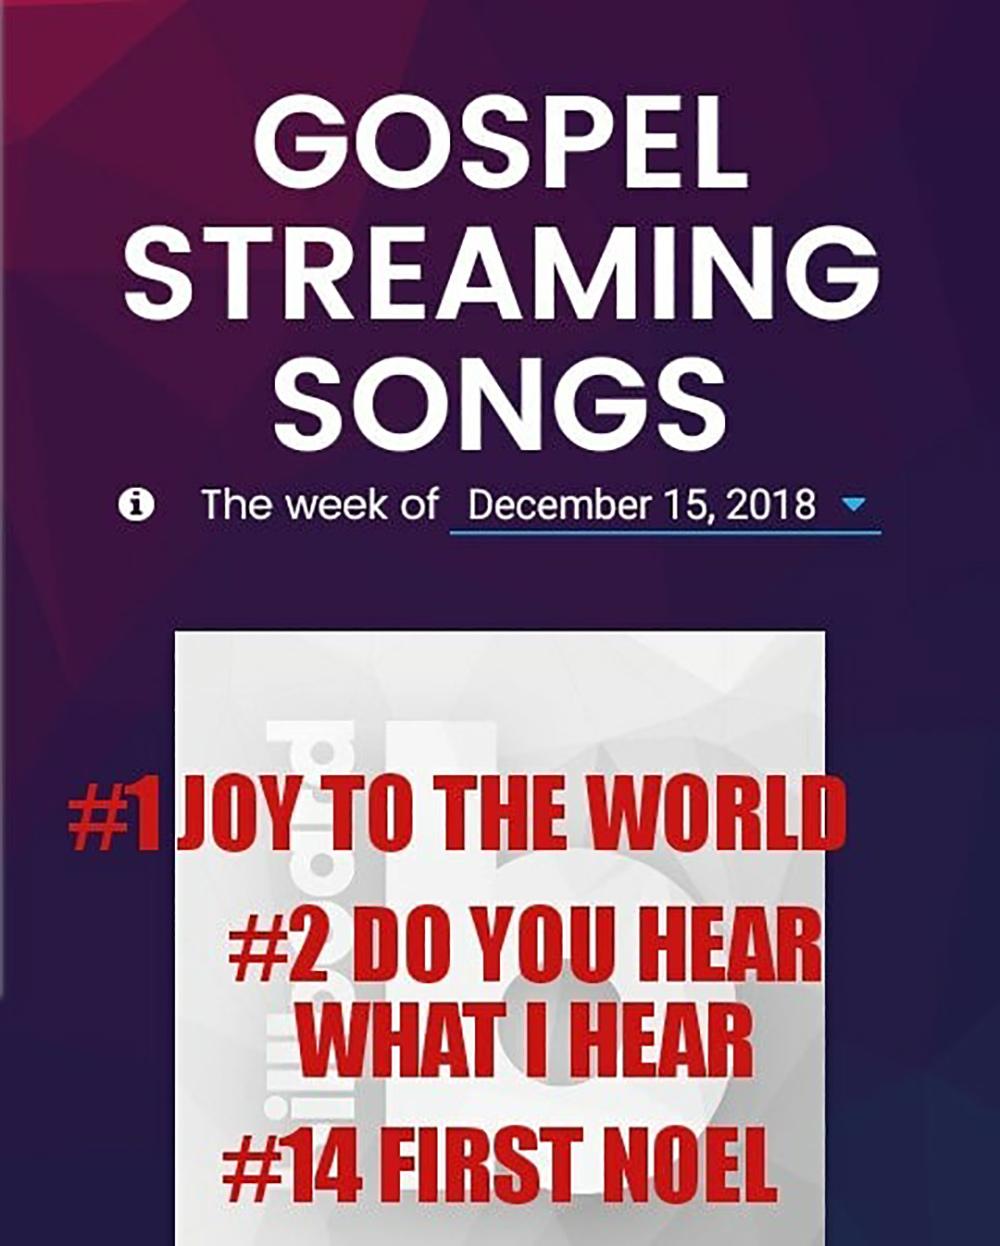 Whitney Houston Joy To The World #1 on Billboard Gospel Streaming Songs chart December 15, 2018